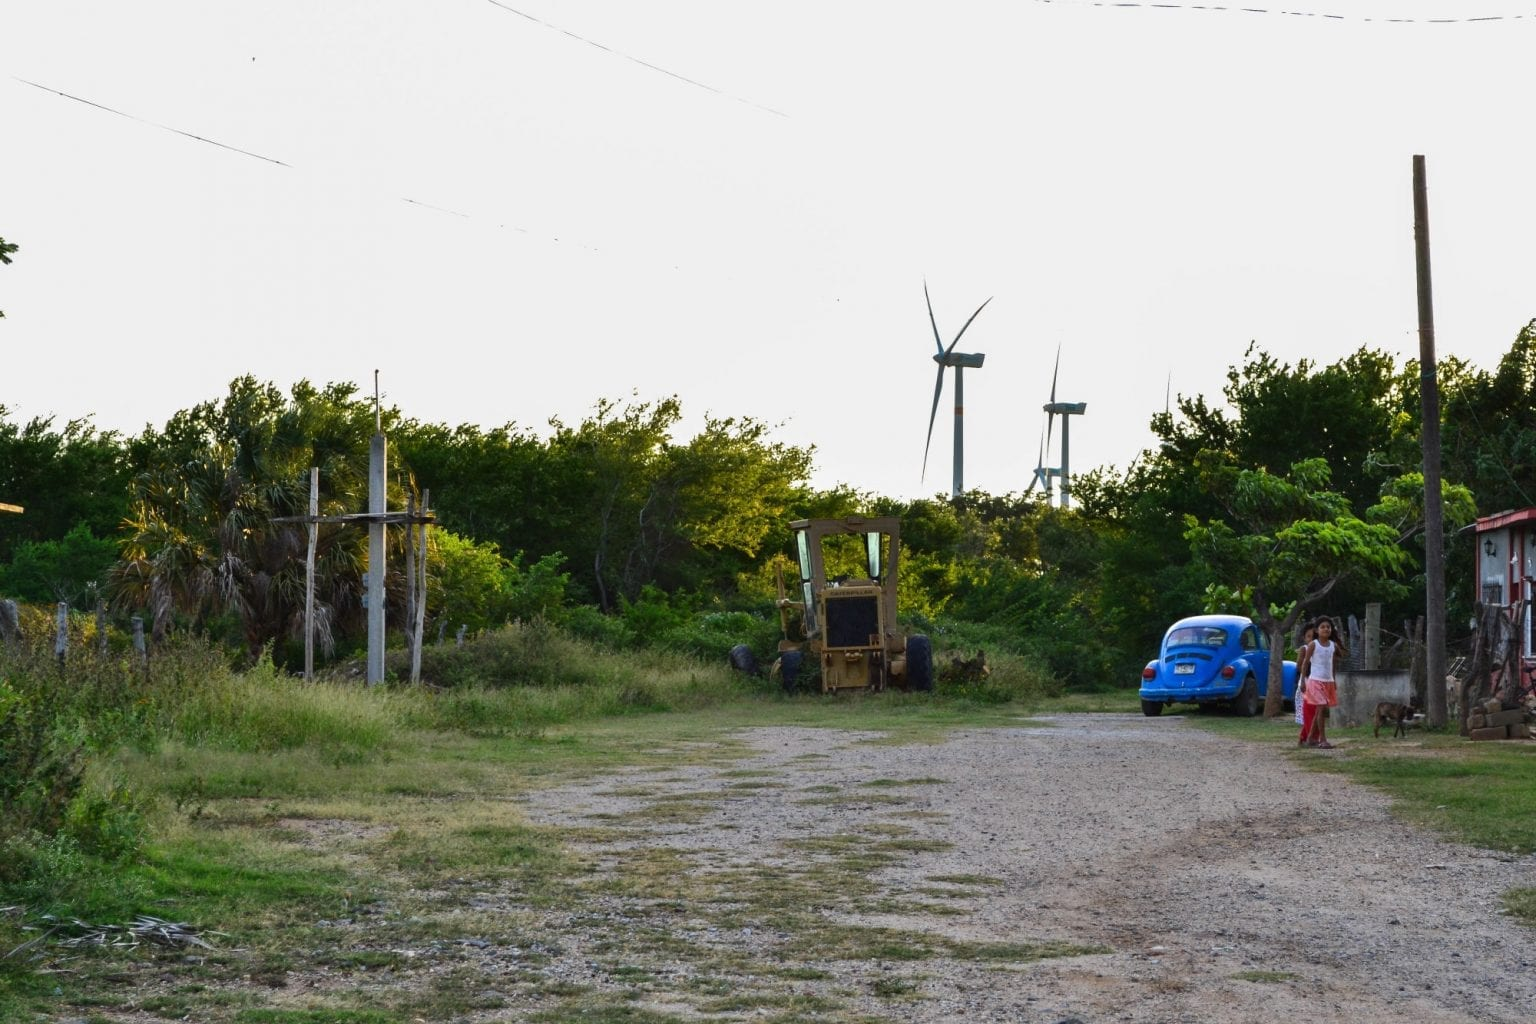 De oprindelige folk i Oaxaca brugte det område, hvor der nu står 132 Vestas vindmøller, til at græsse deres dyr, dyrke deres grøntsager samt til at samle planter og dyr til traditionel medicin. Foto: Wrongkindofgreen.org